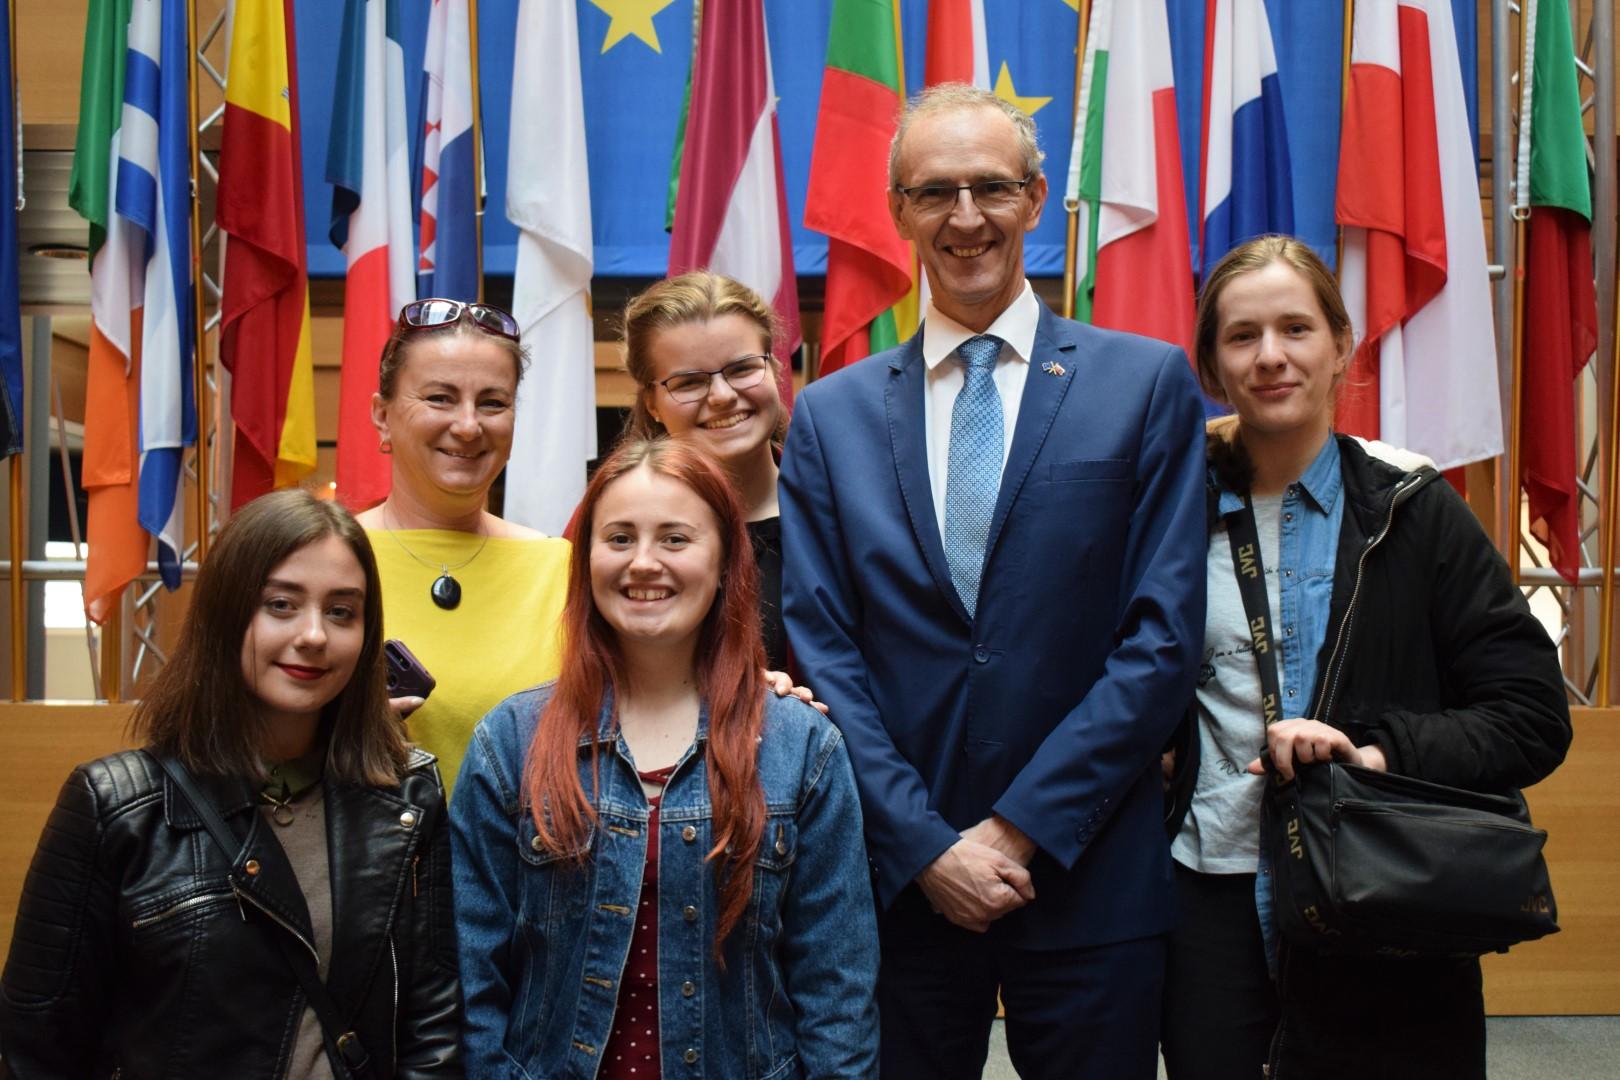 Najlepší stredoškolský časopis v centre európskej politiky